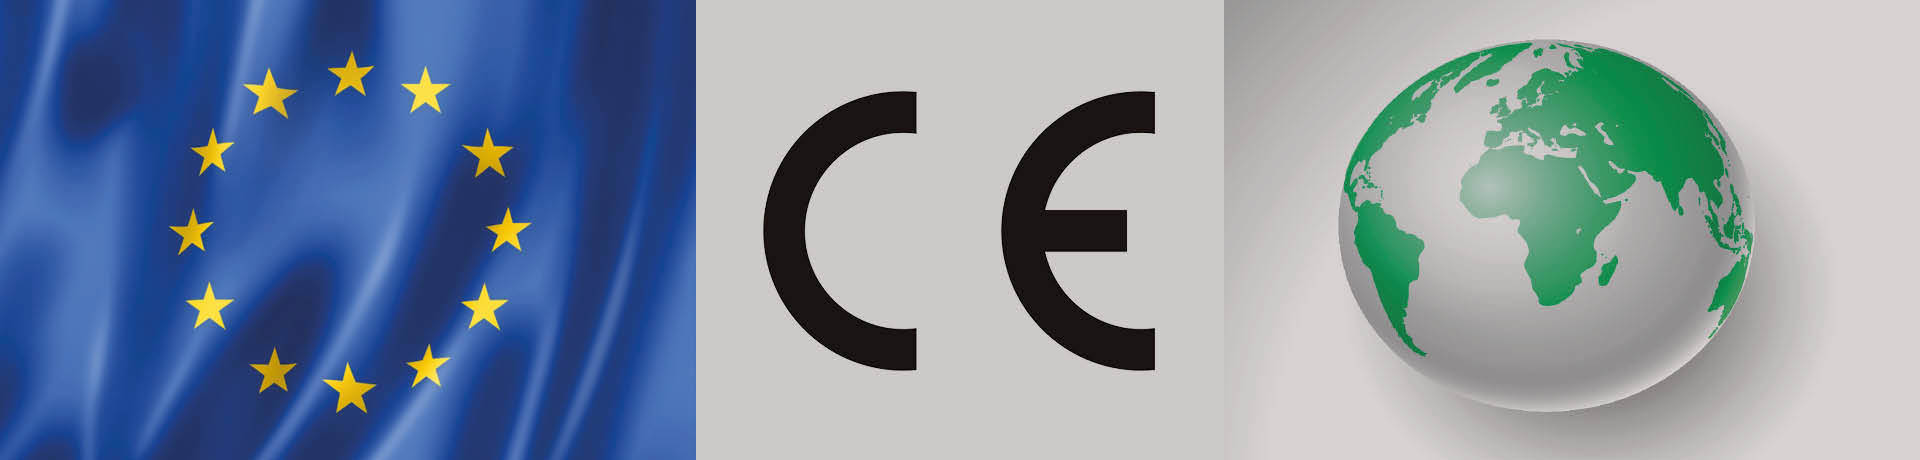 Union européenne, marquage CE et mappemonde